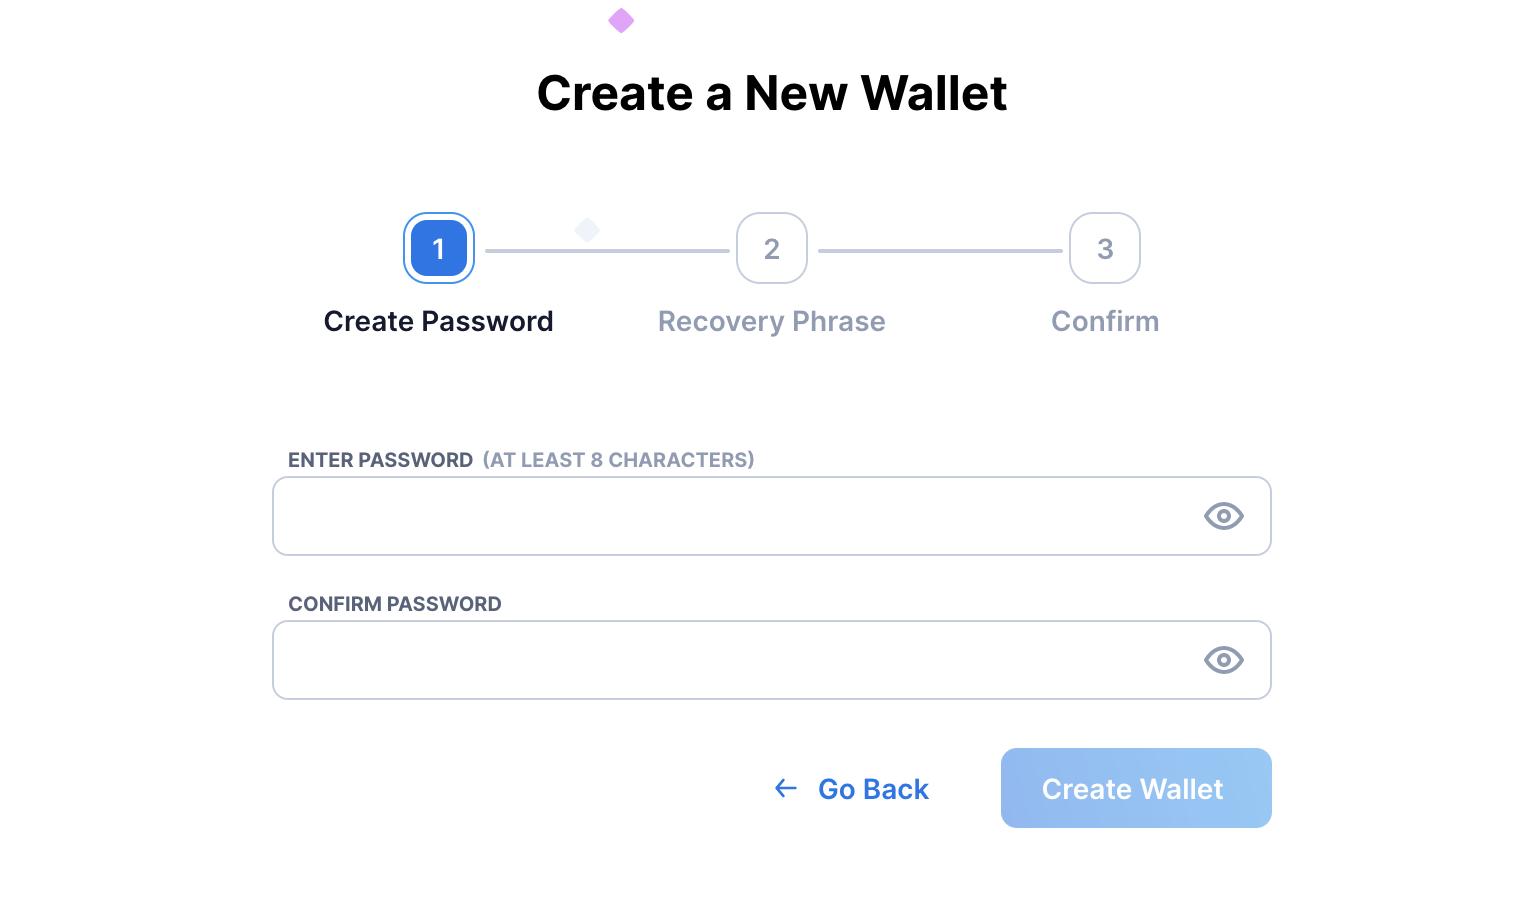 Das Passwort erstellen